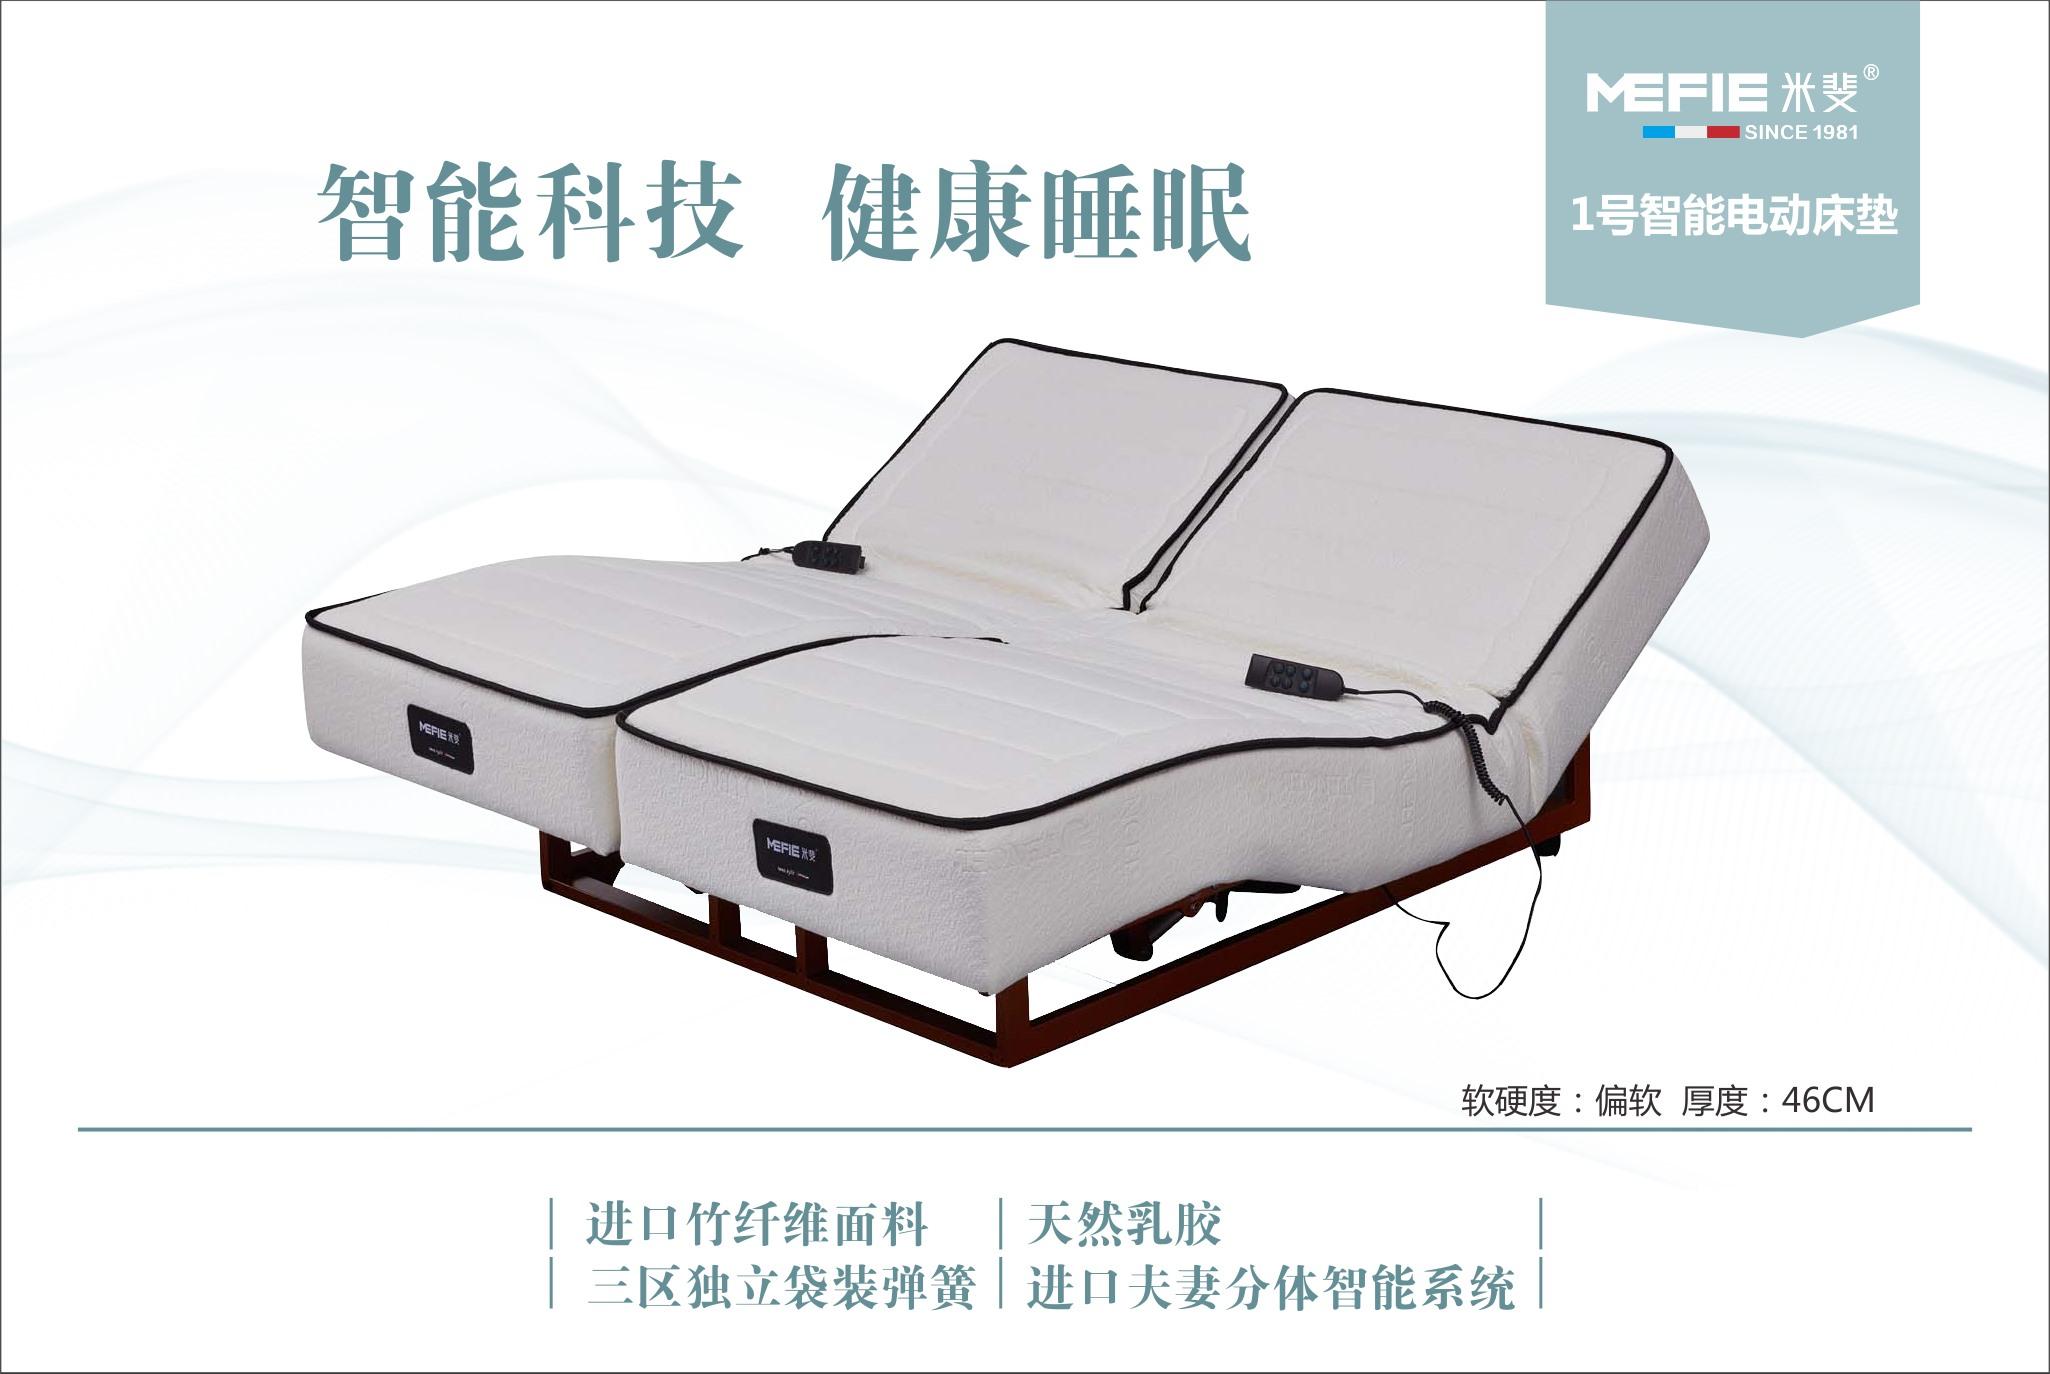 优德w88ios-1号电动床垫(进口睡眠系统)